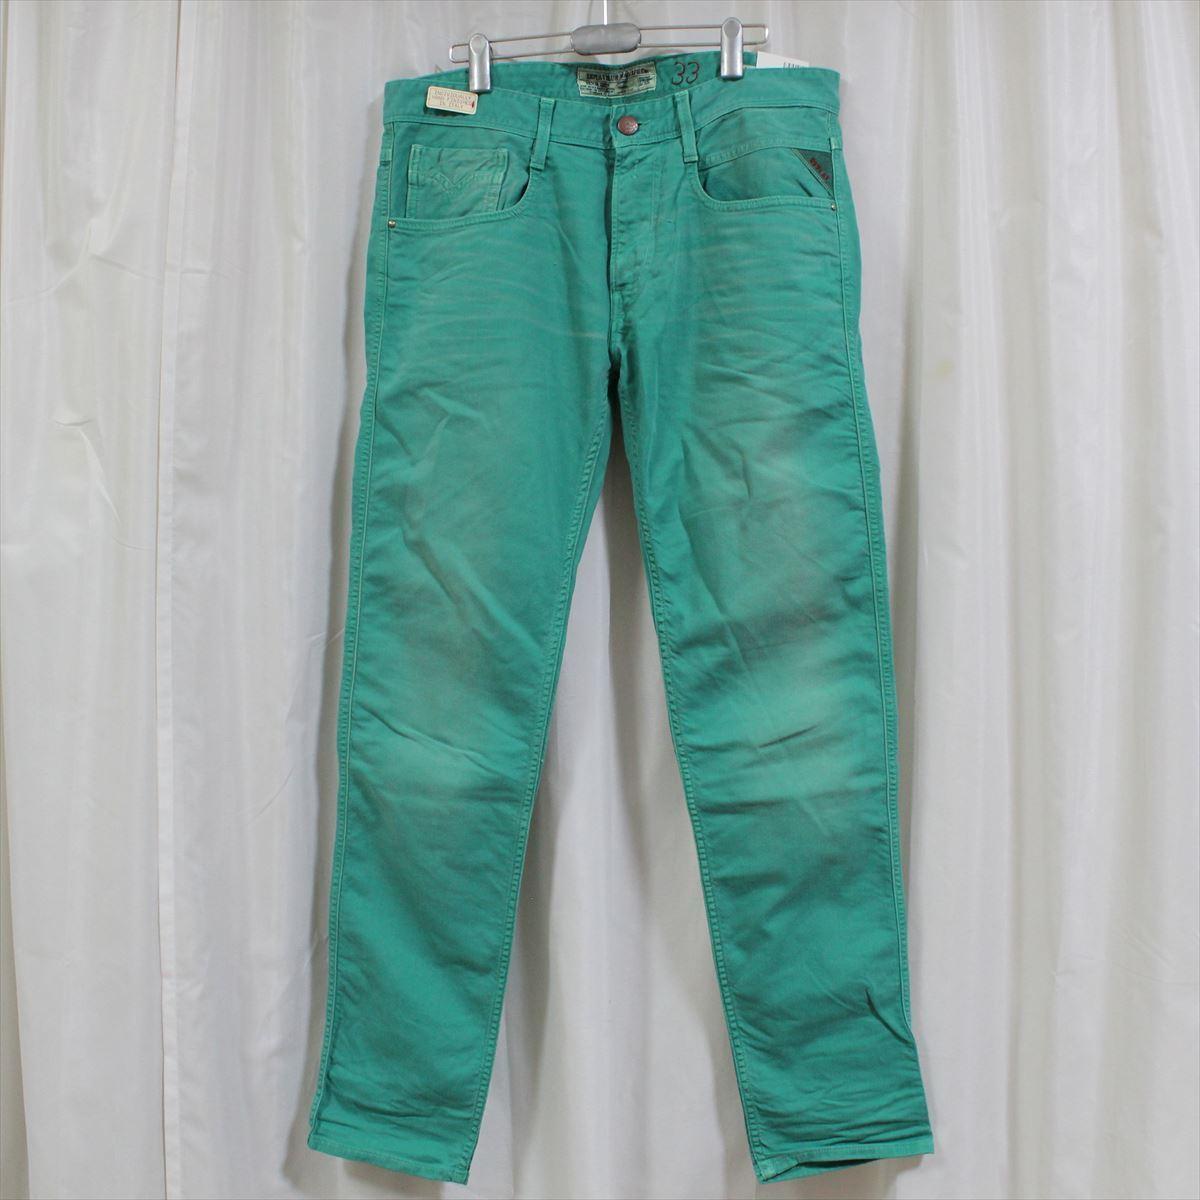 リプレイ REPLAY メンズカラーパンツ ジーンズ デニムパンツ SLIM グリーン 34インチ 新品 REPLAY BLUE JEANS anbass slim jeans_画像1